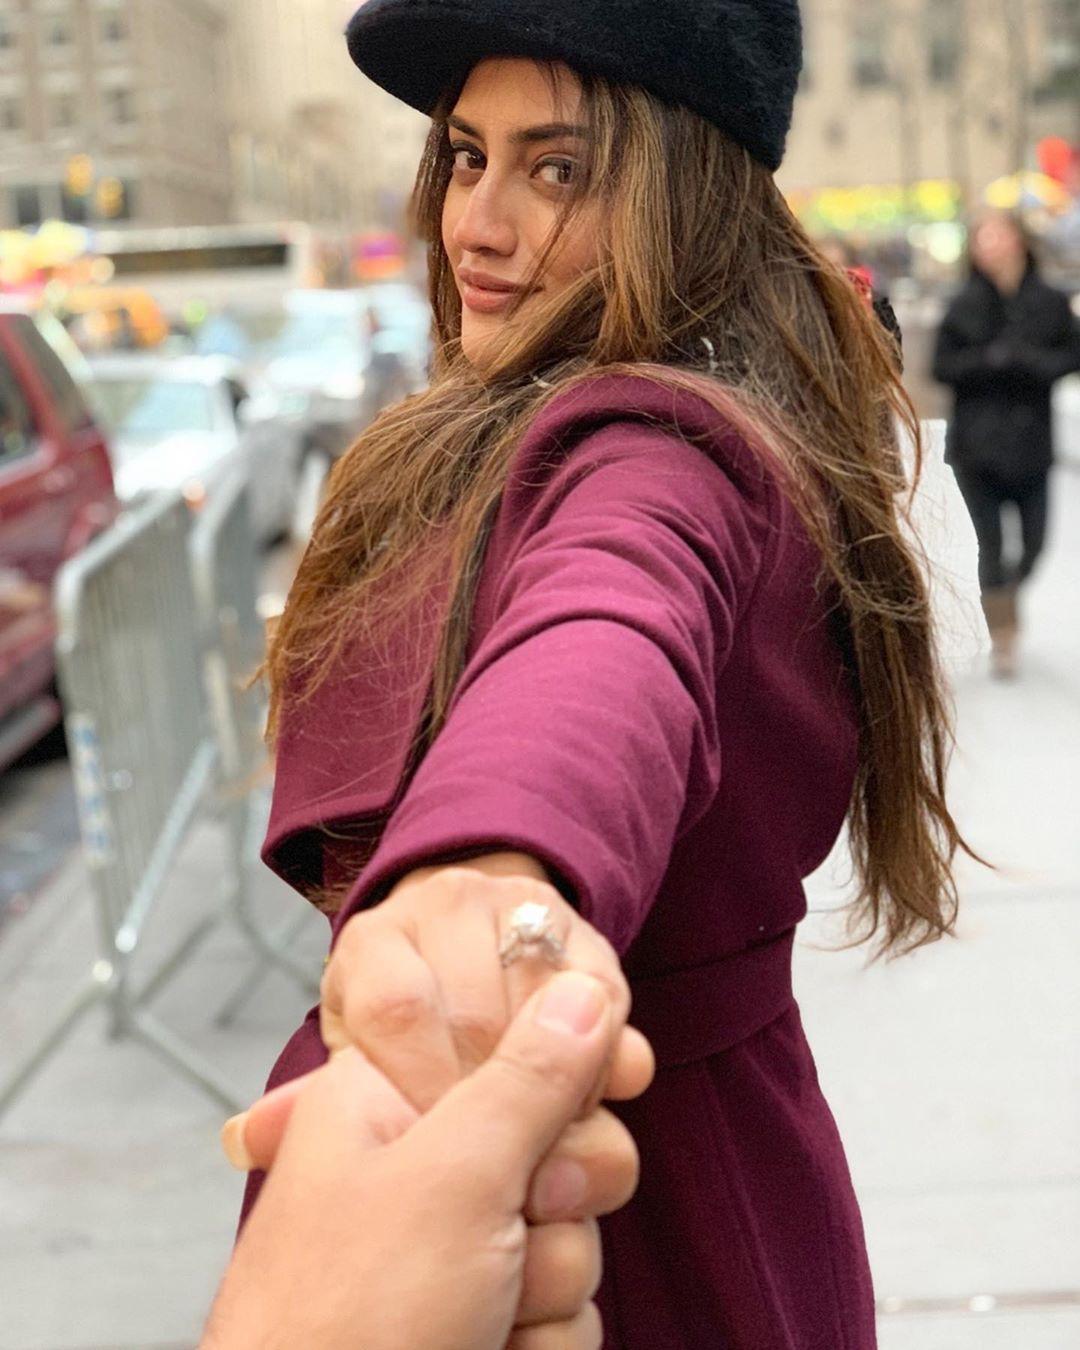 नुसरतने तिच्या इन्स्टाग्रामवर शेअर केलेल्या एका फोटोमध्ये तिच्या साखरपुड्याची अंगठी दिसत आहे. ज्यामुळे तिच्या चाहत्यांचा हिरमोड झाला आहे. नुसरतनं तिचा बॉयफ्रेंड निखिल जैनसोबत लग्न करण्याचा निर्णय घेतला आहे.